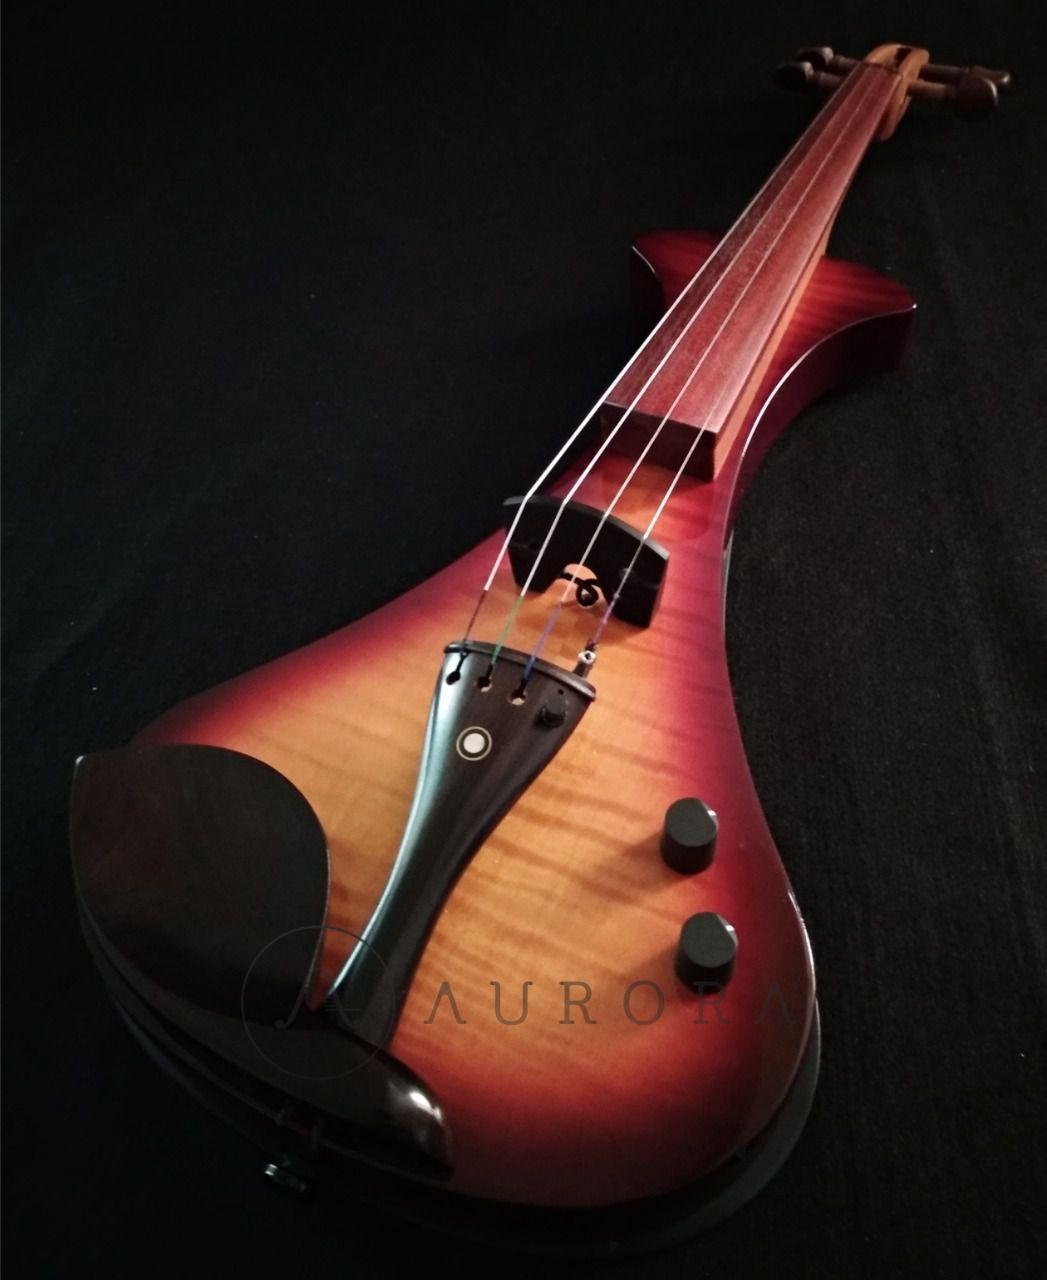 Violino Profissional 4/4 Elétrico Aurora WS sumburst